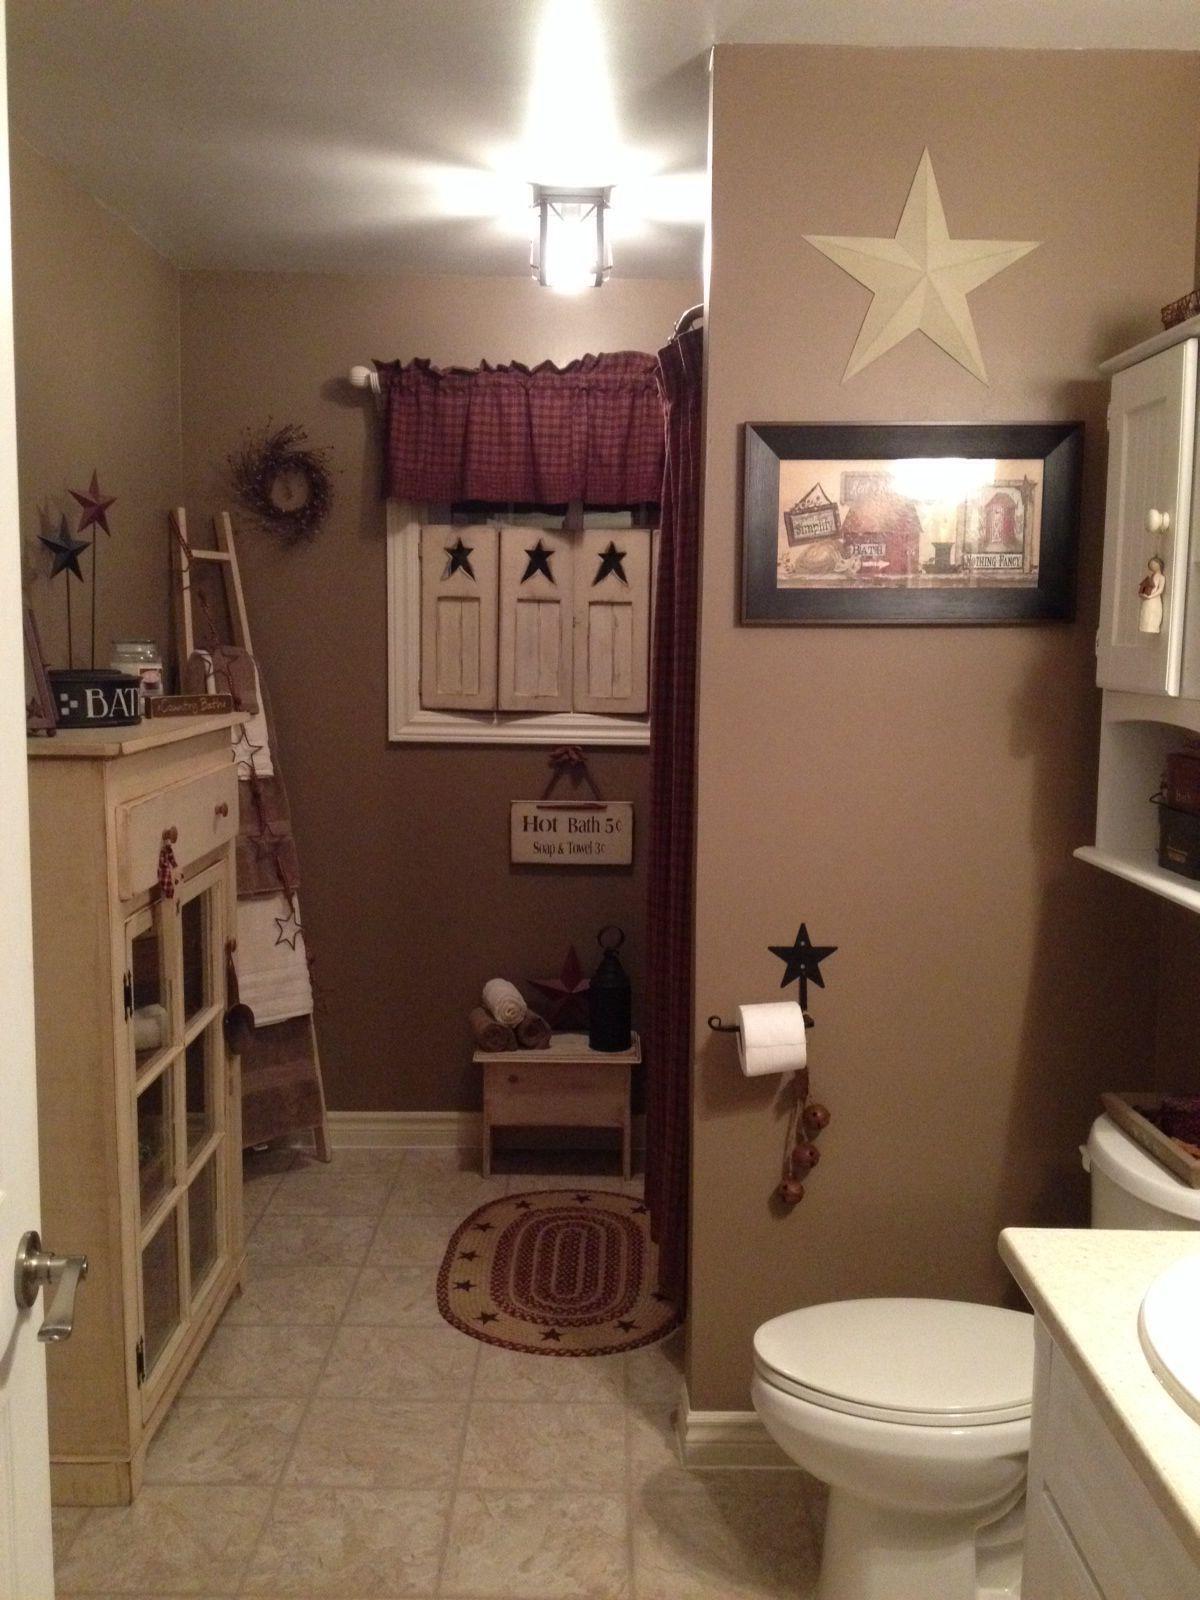 Primitive Bathroom Home Decor Decorating Rustic Country Diy